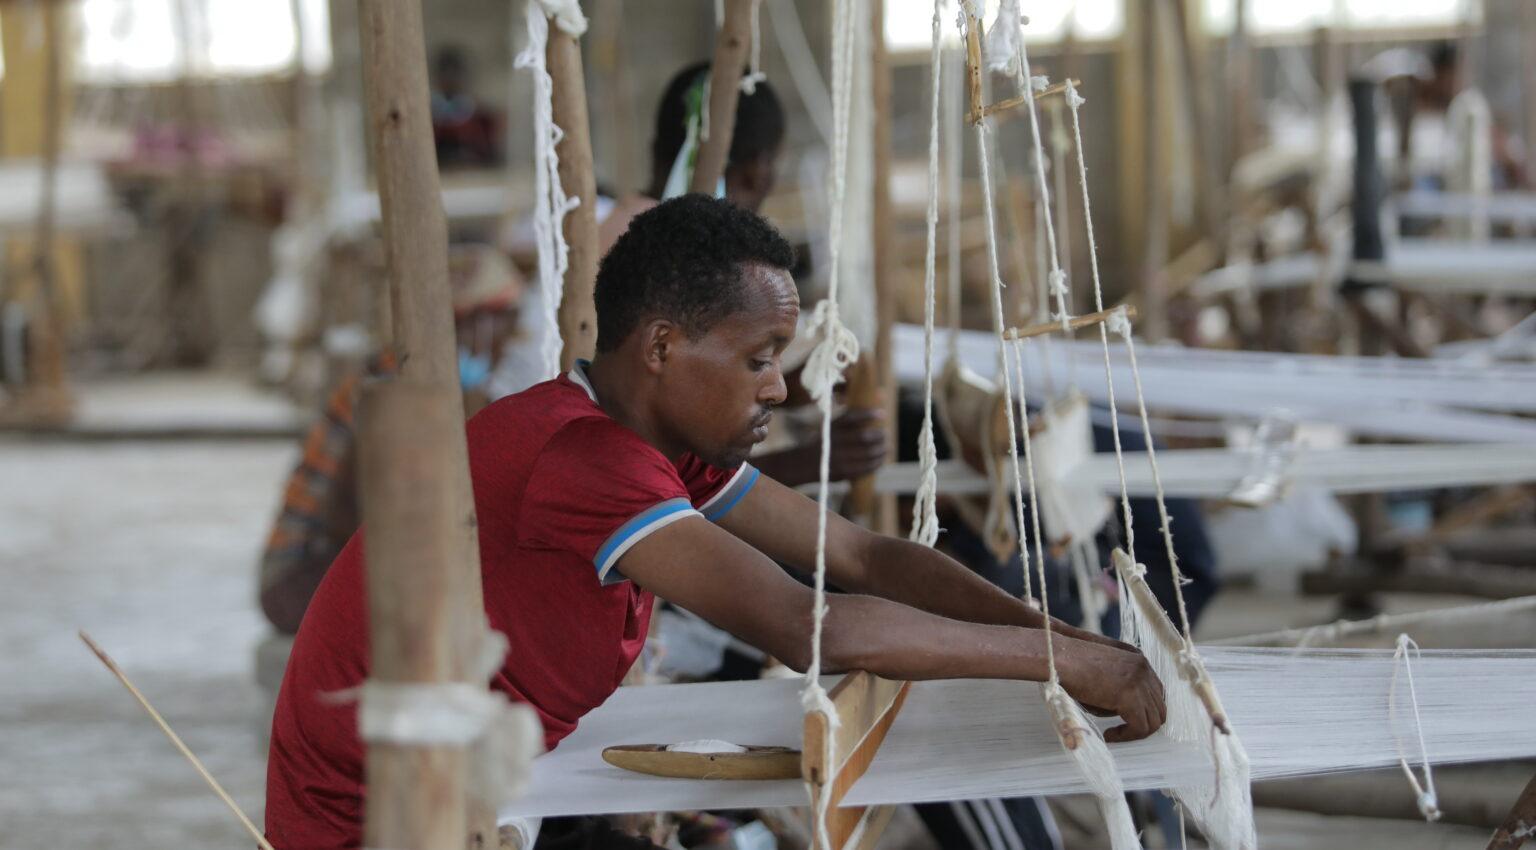 Dedicated artisan weaving textiles.